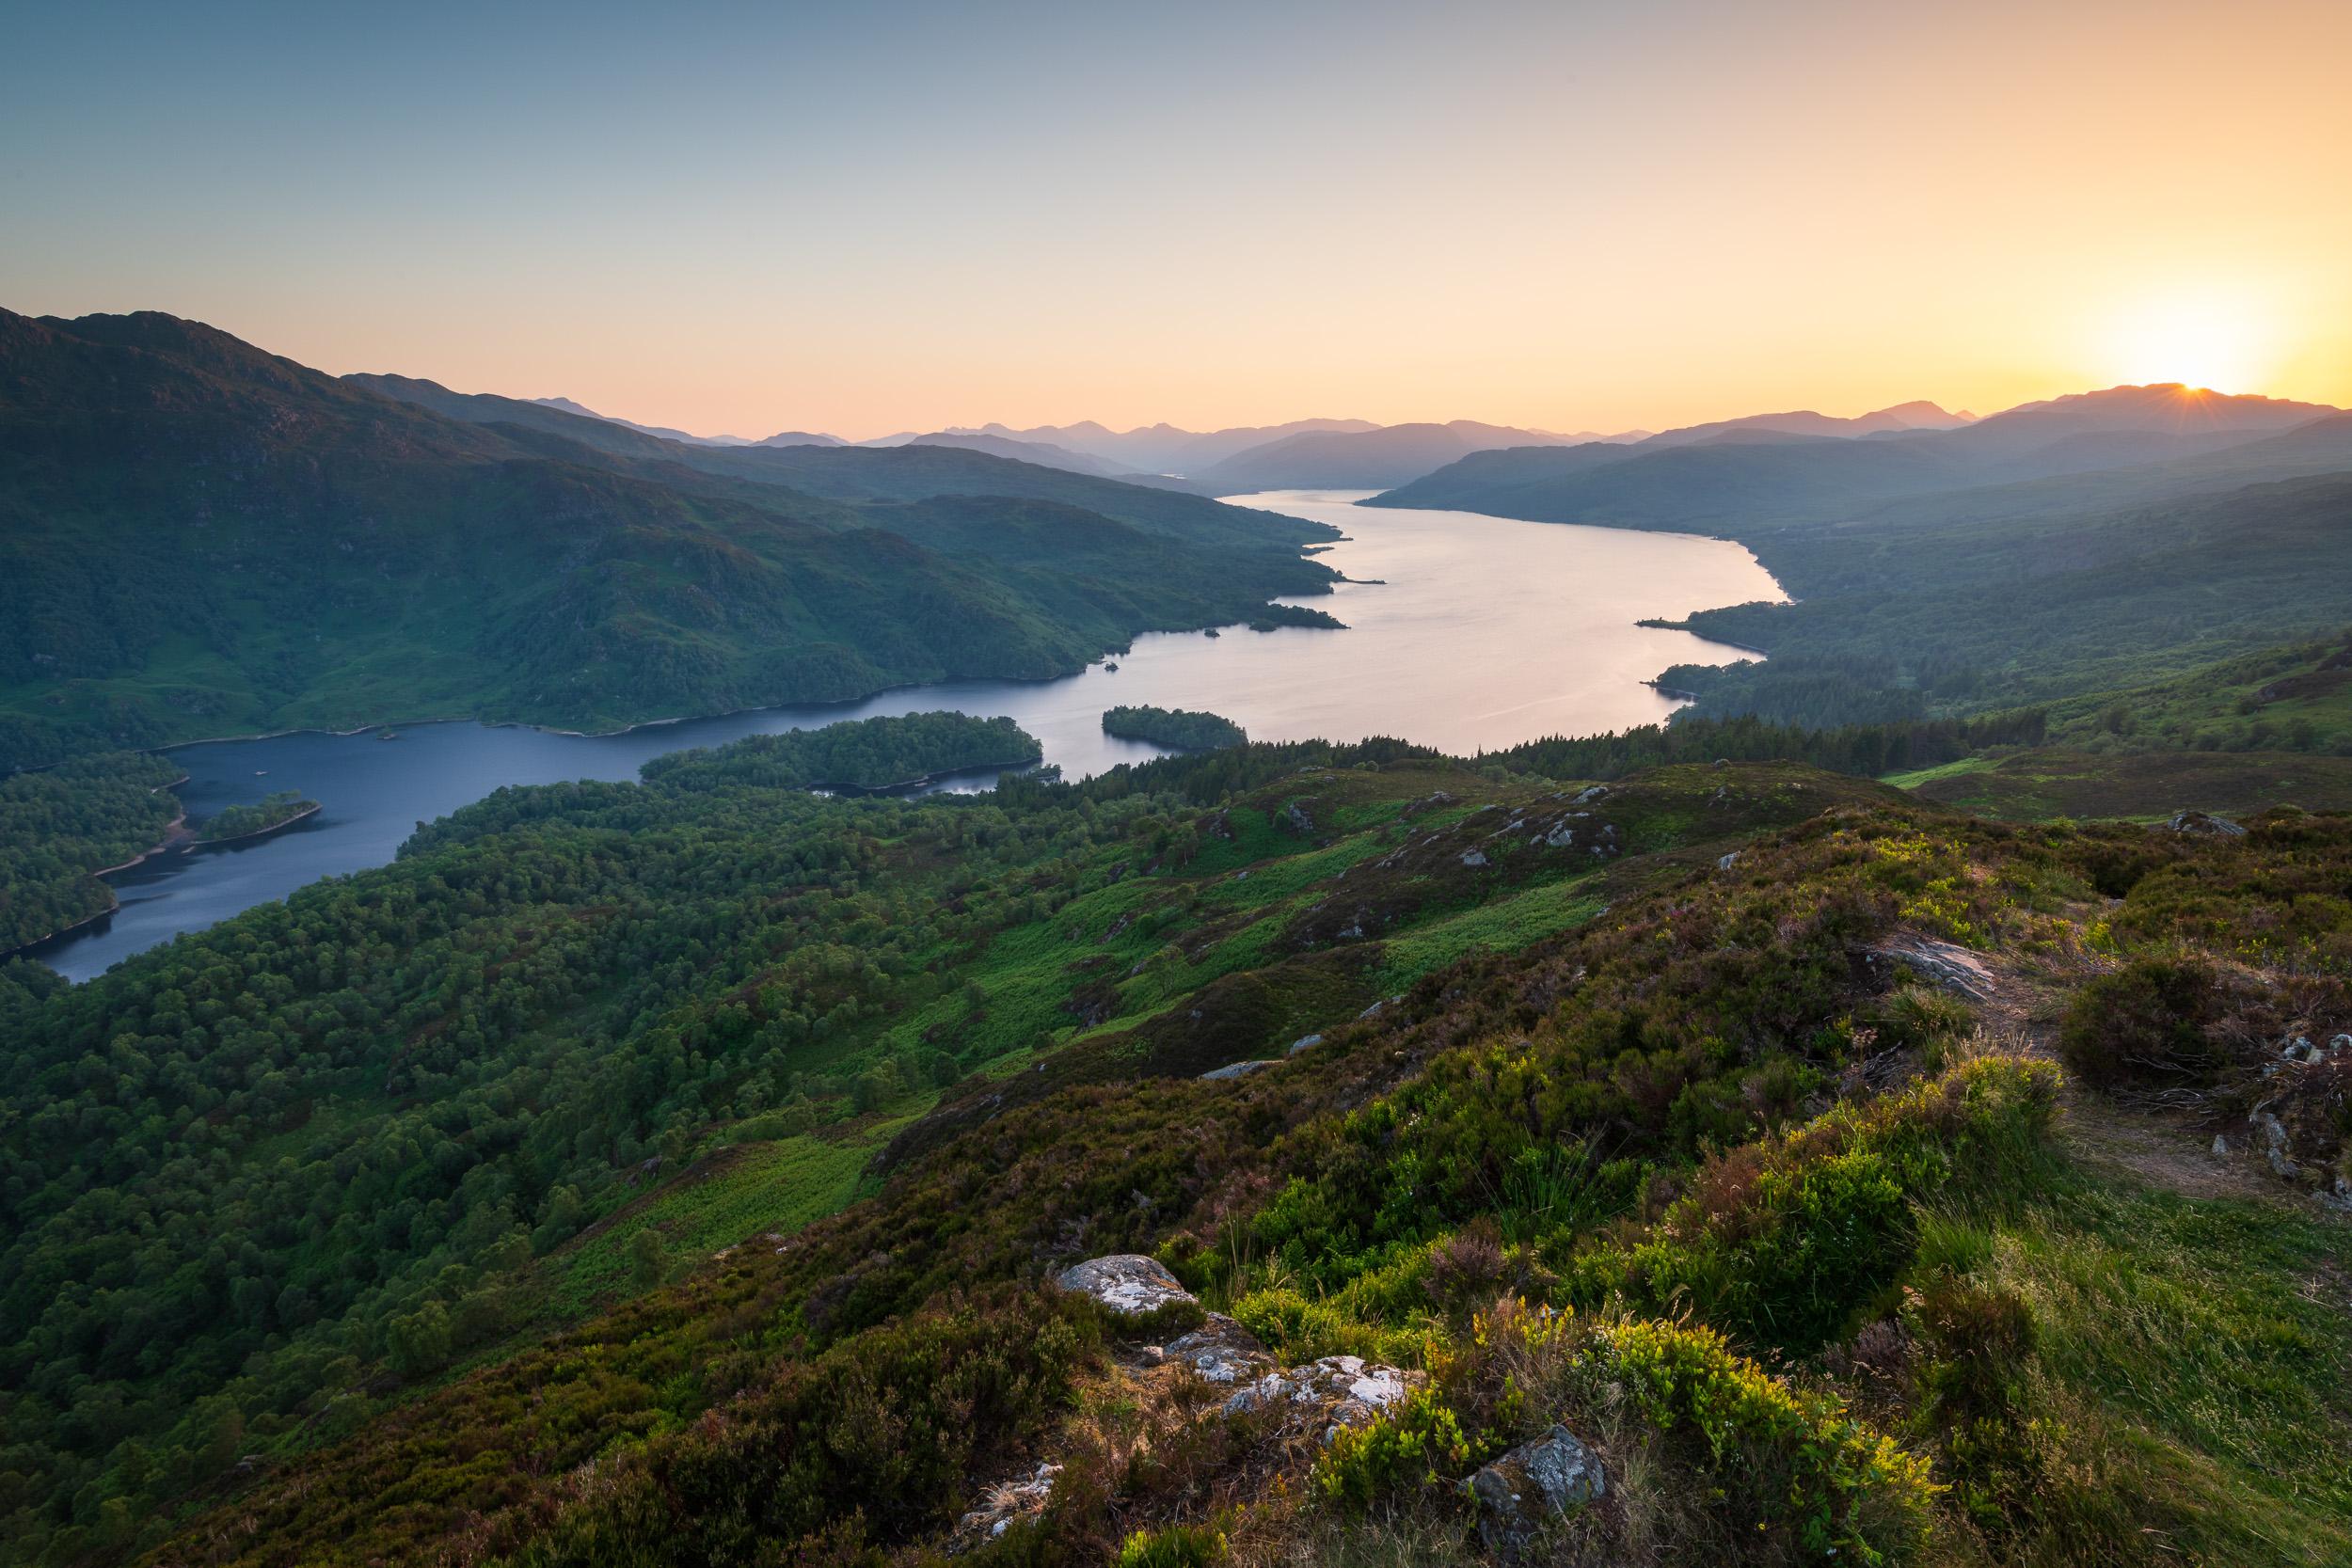 A Summer Sunset At Ben A'an and Loch Katrine, The Trossachs, Scotland